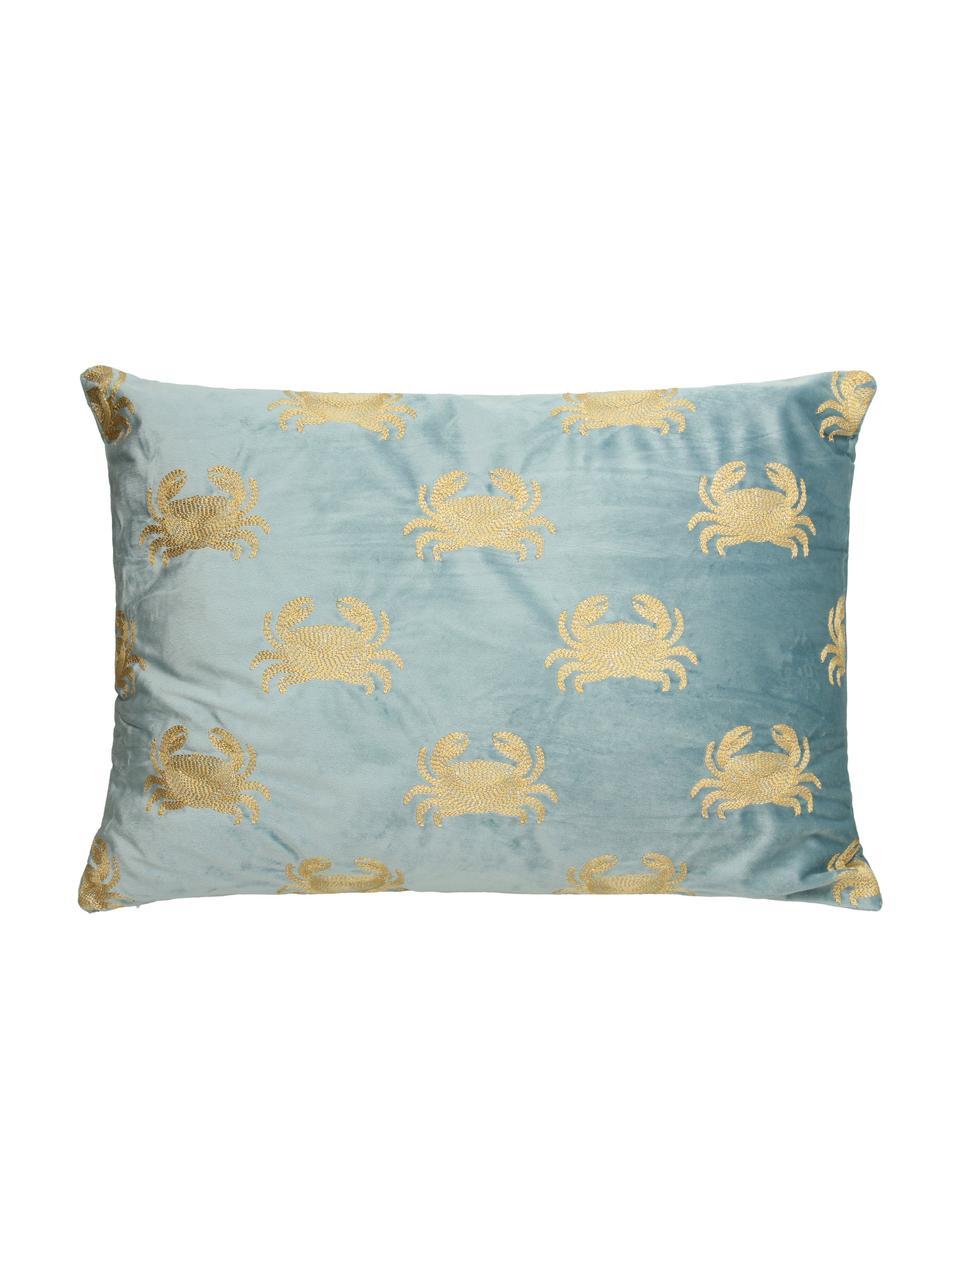 Besticktes Samt-Kissen Crab, mit Inlett, 100% Samt, Blau, Goldfarben, 40 x 60 cm